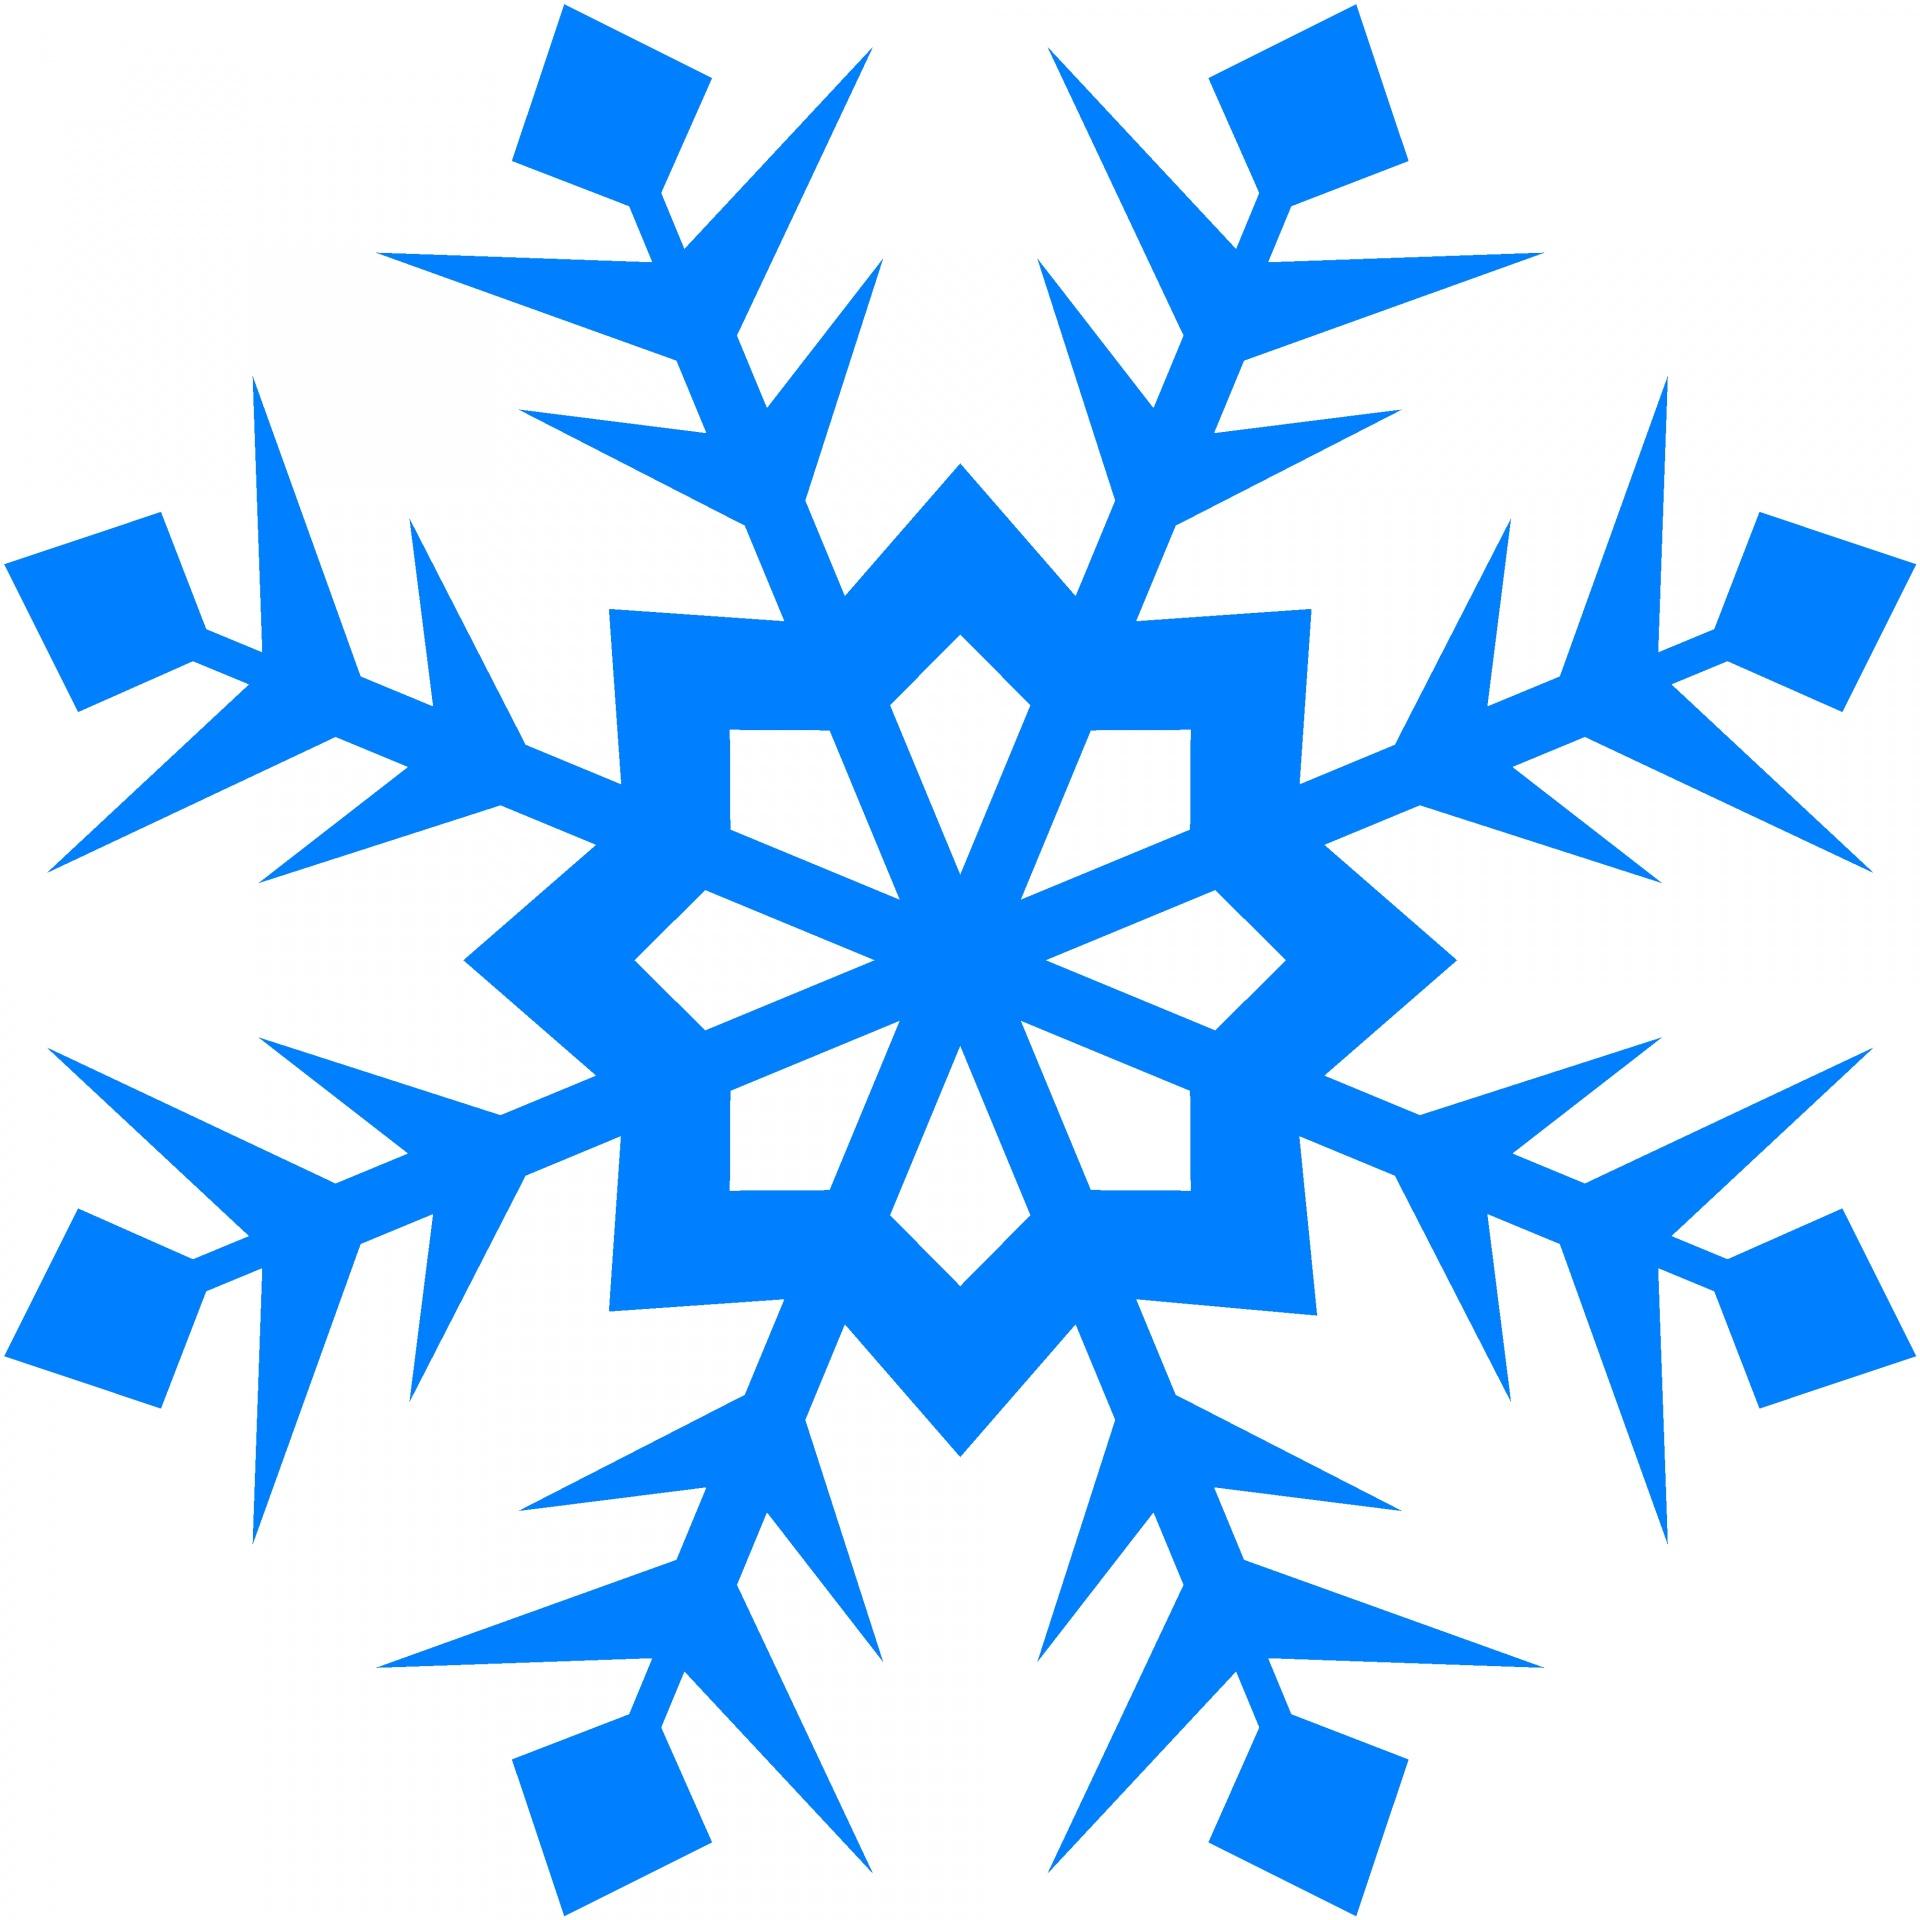 1920x1920 Blue Snowflake 99 Free Stock Photo